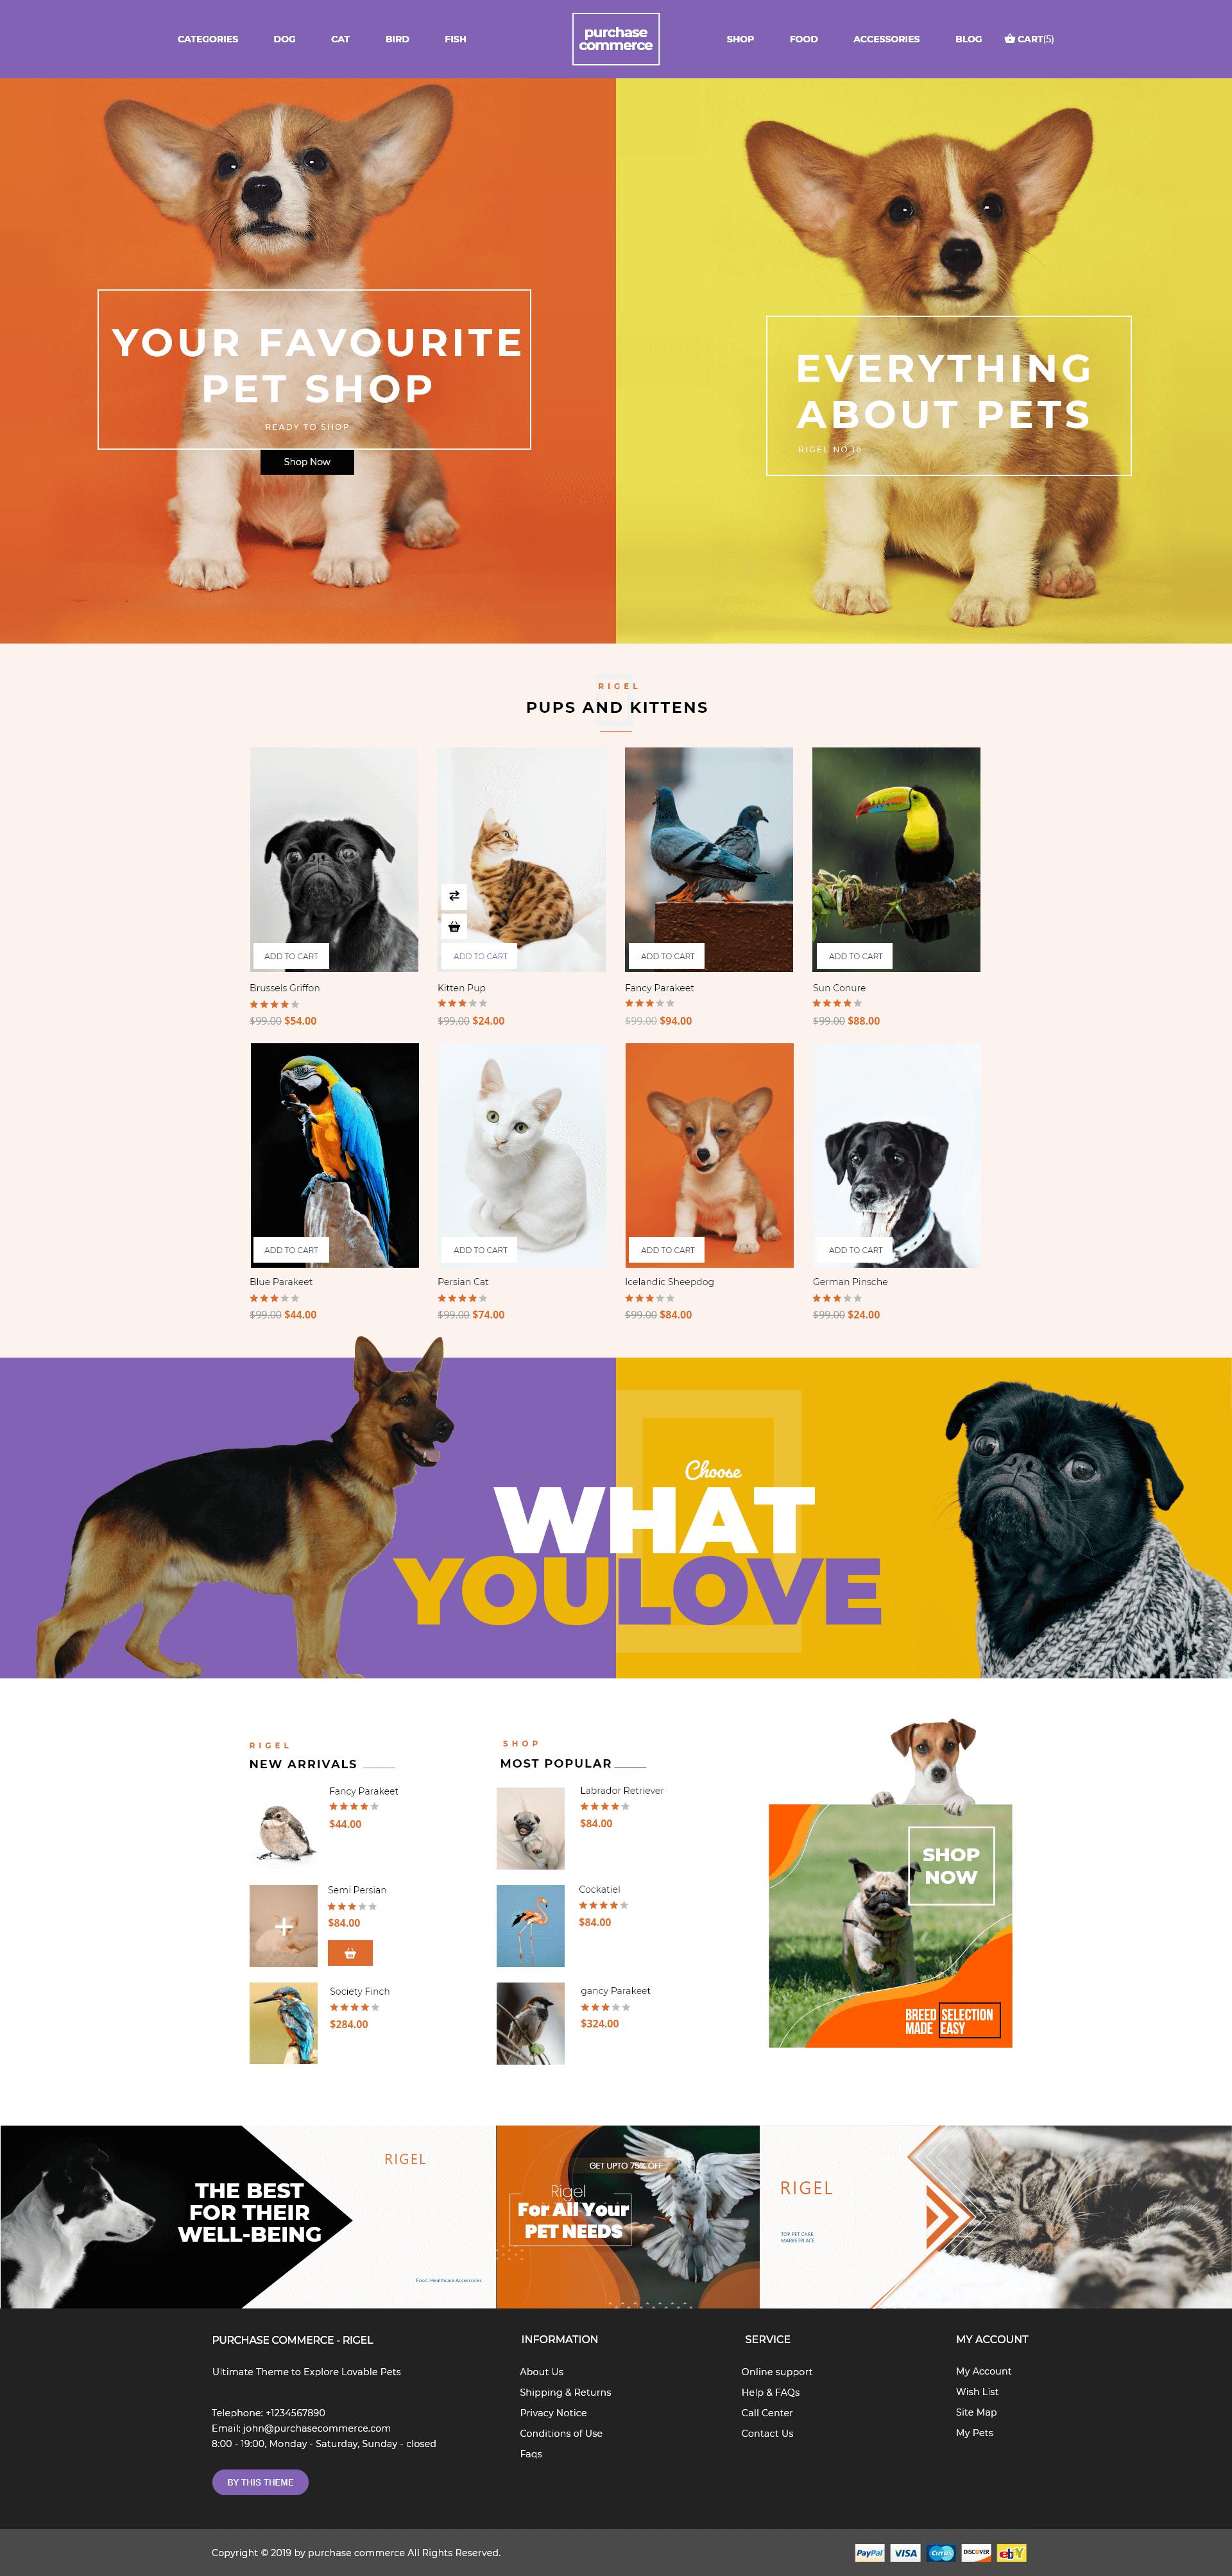 pet-shop-marketplace-software